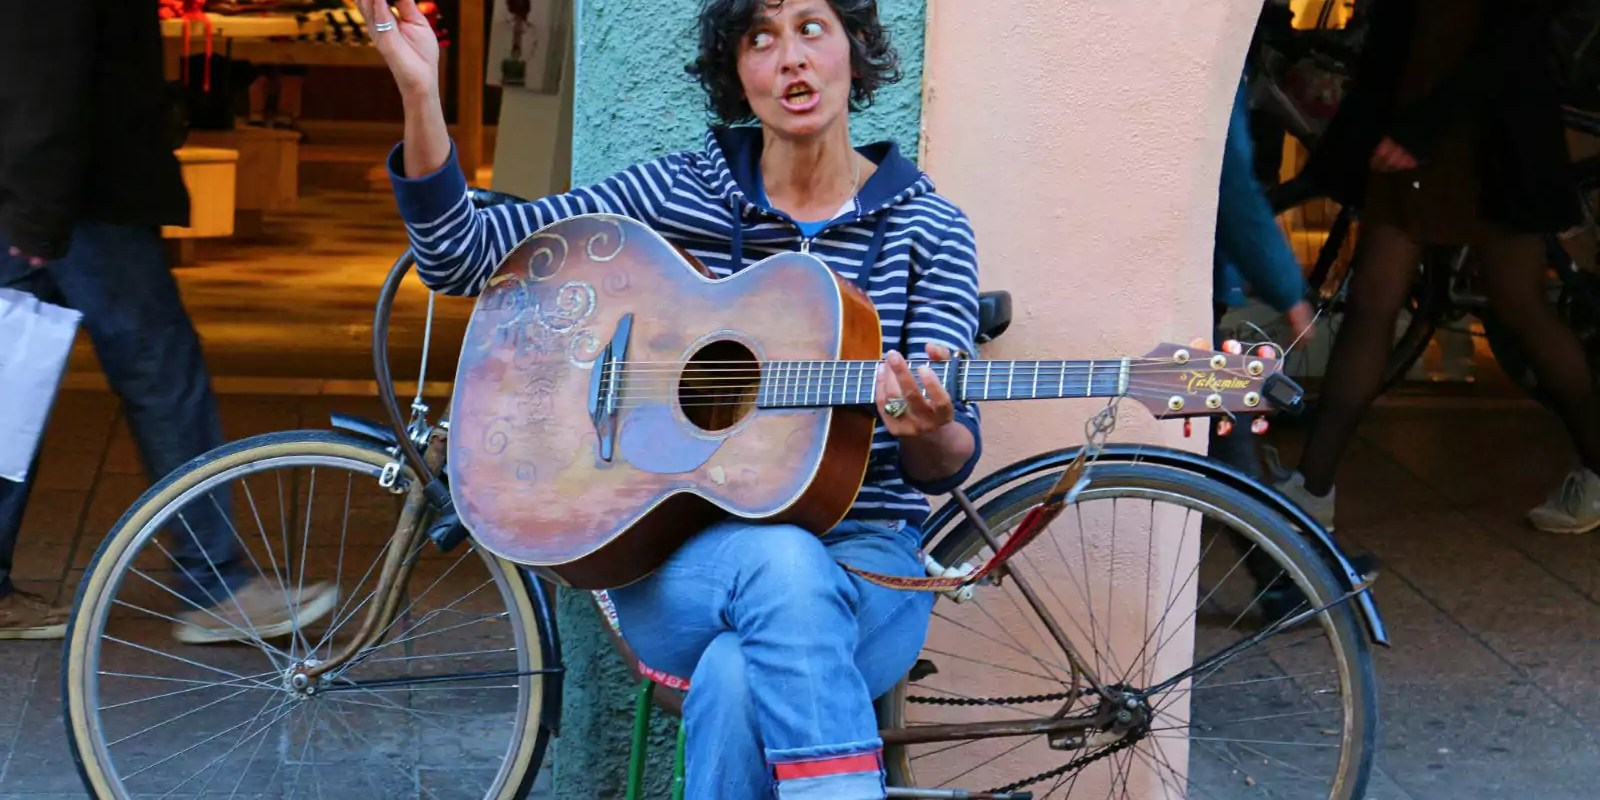 Fête de la musique: quelques concerts de rue, envers et contre la Covid